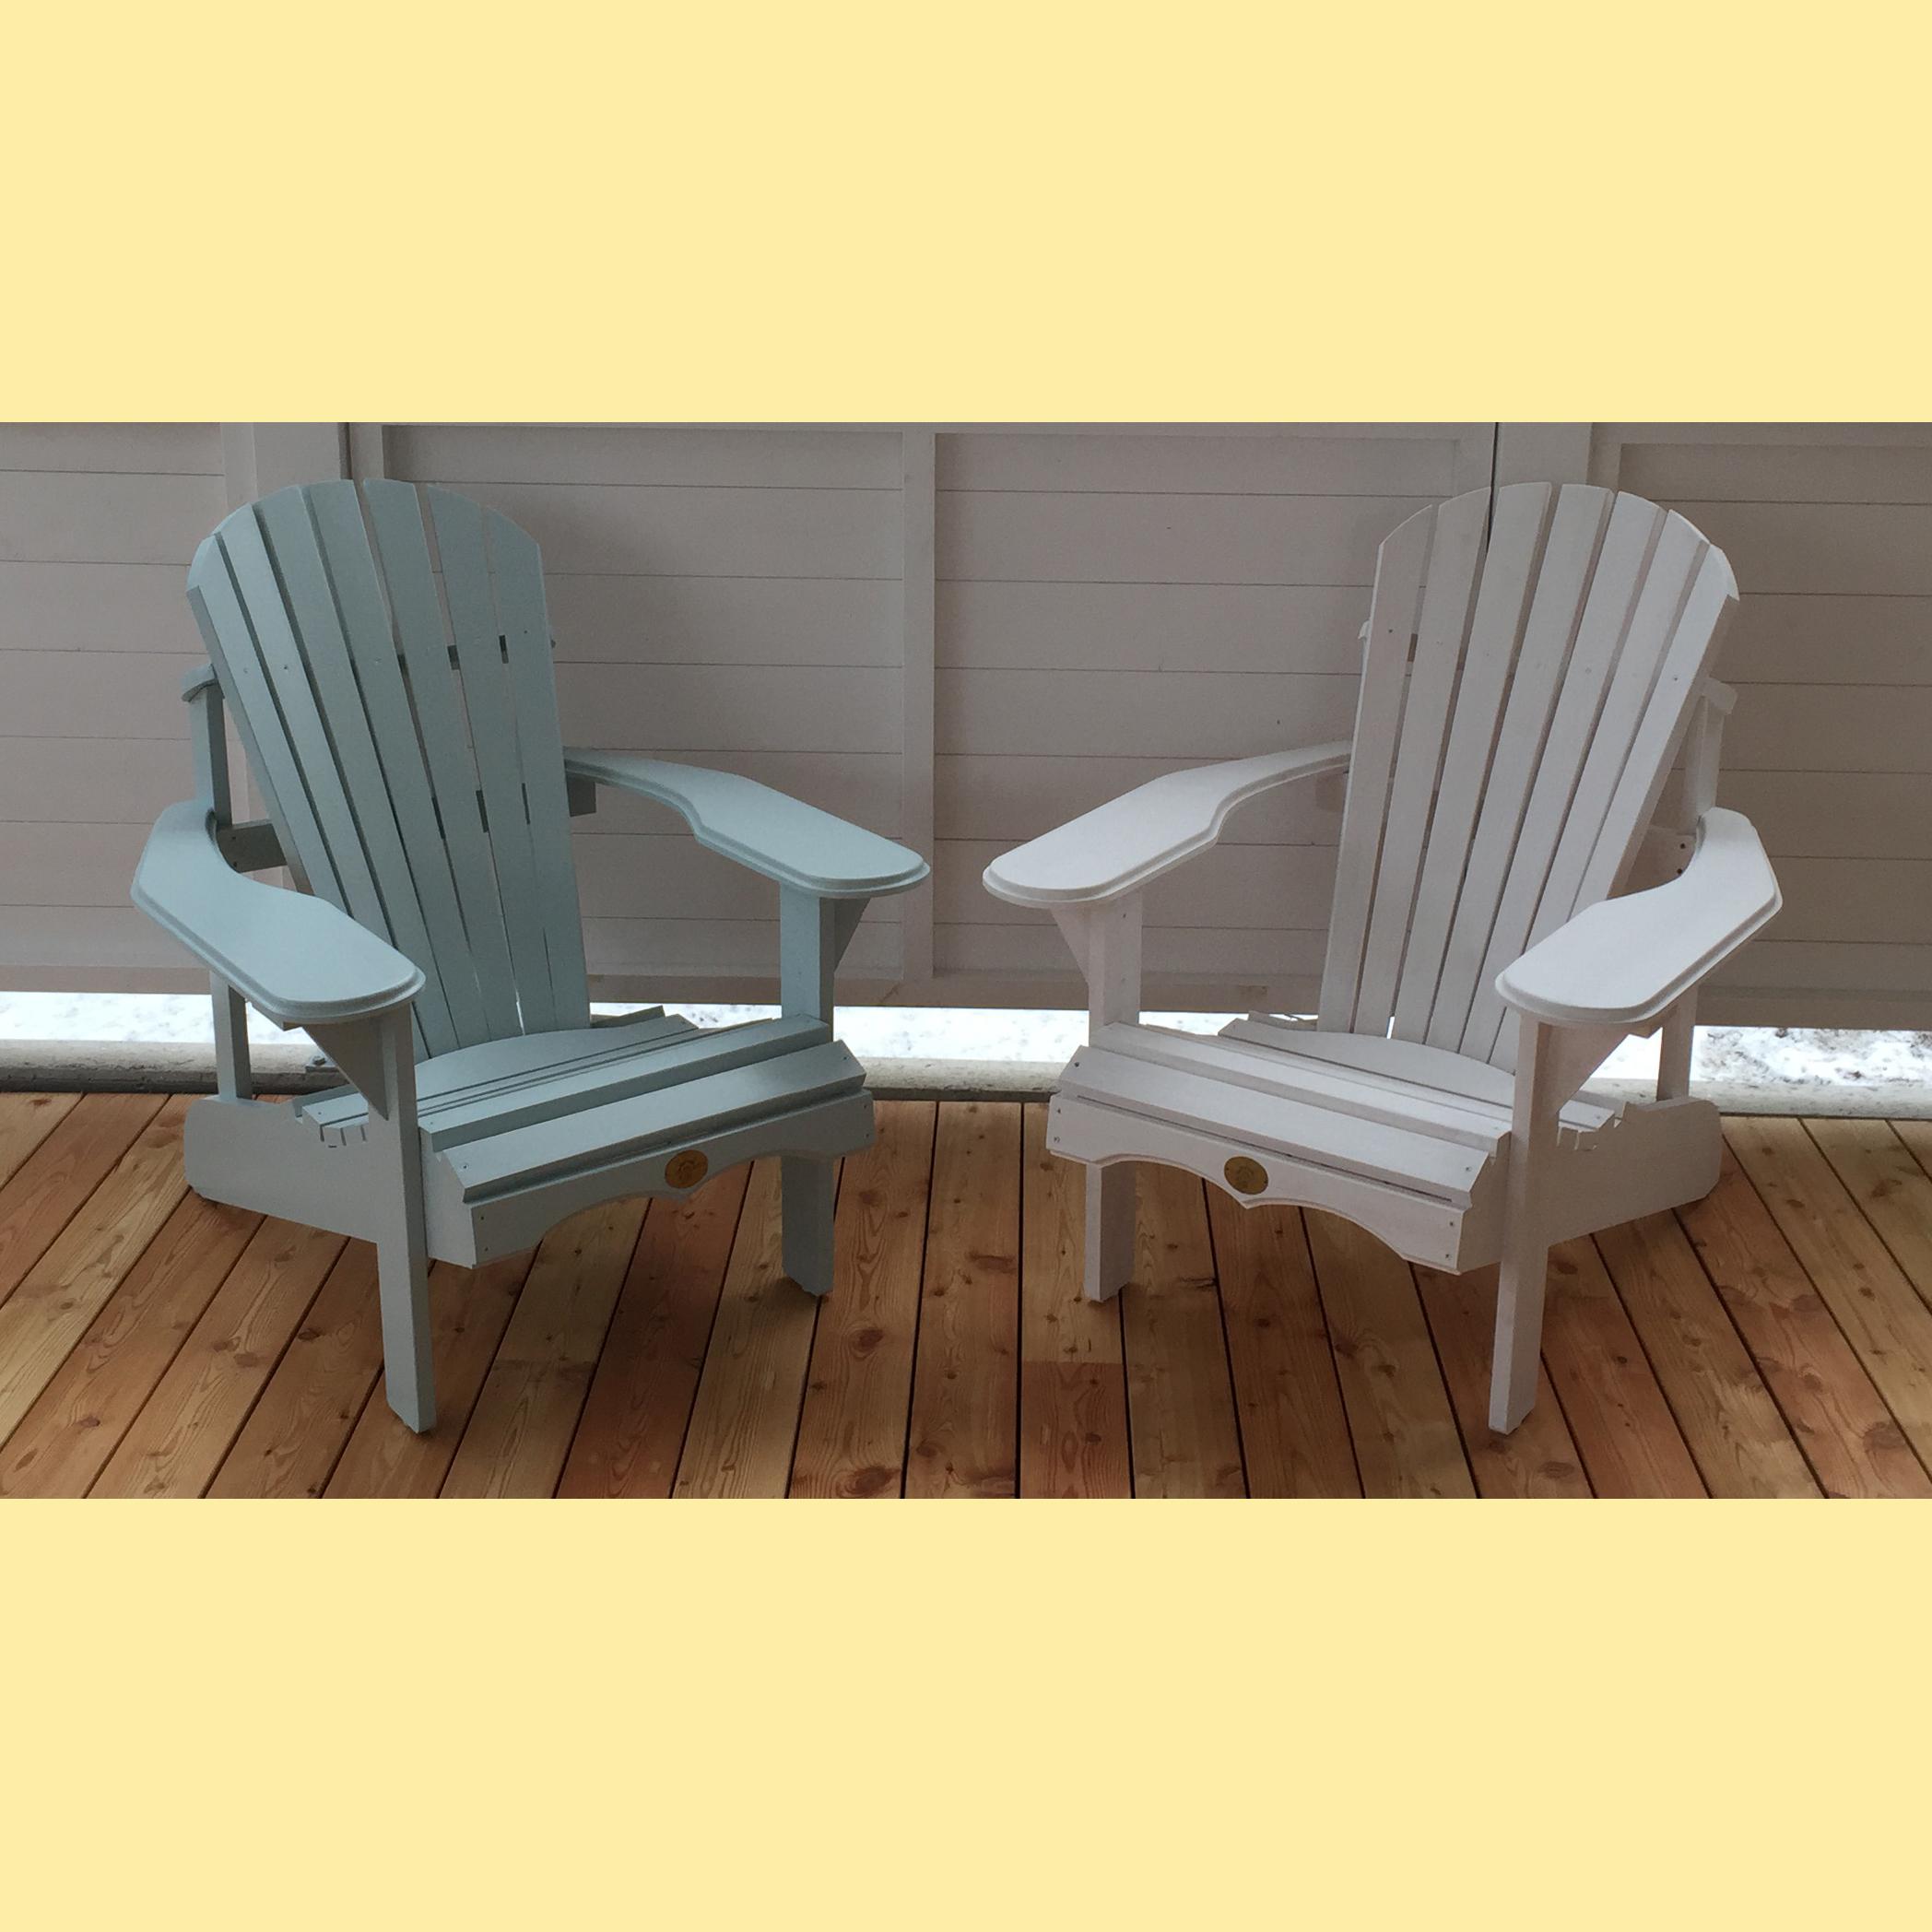 adirondack bear chair pinie im doppelpack adirondack bear chair das original aus canada. Black Bedroom Furniture Sets. Home Design Ideas